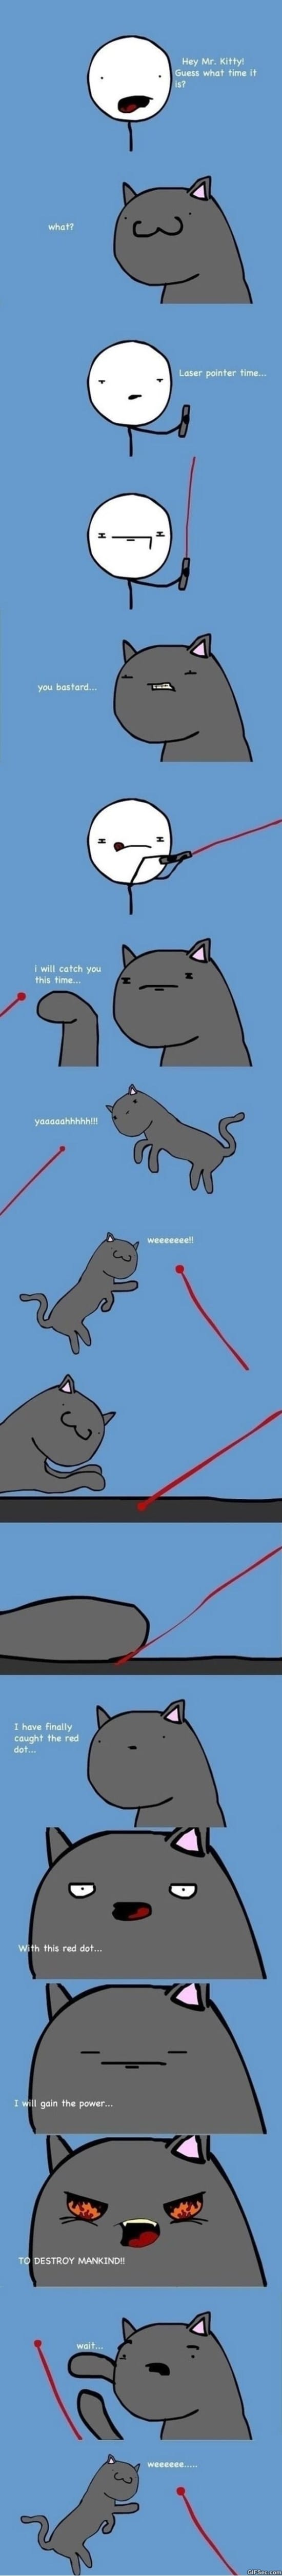 laser-point-meme